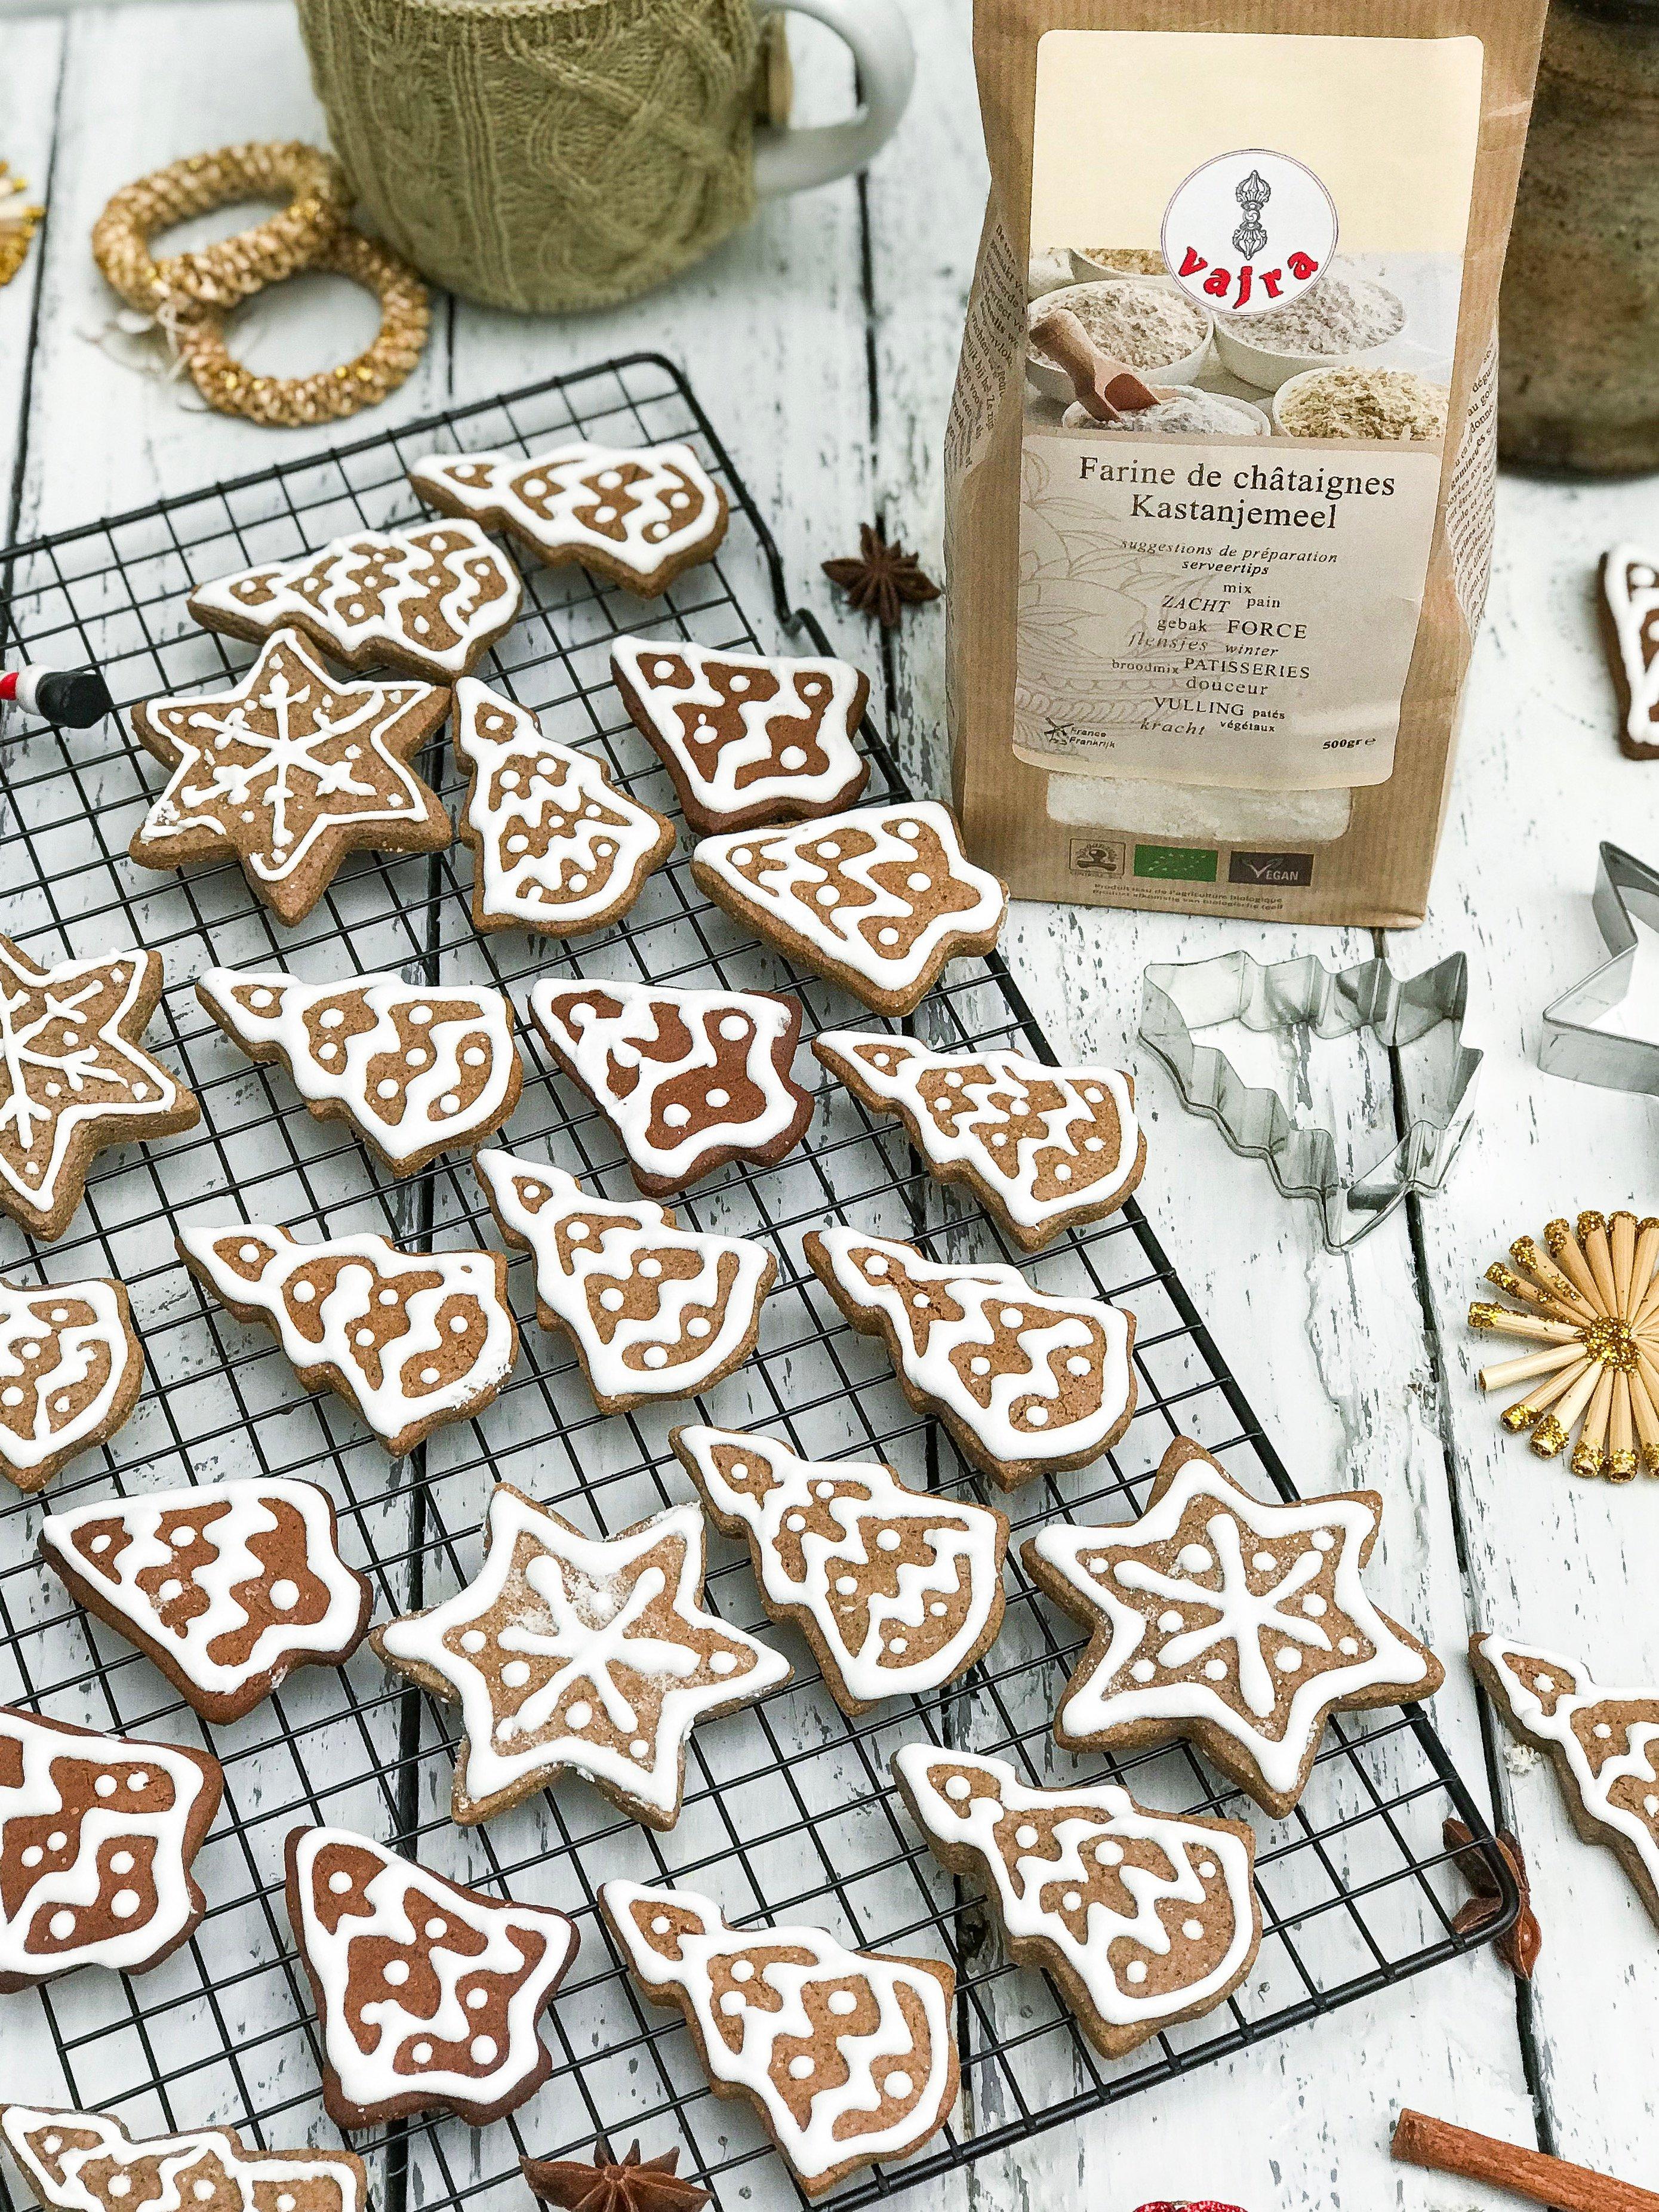 Kerstkoekjes met kruiden en kastanjemeel